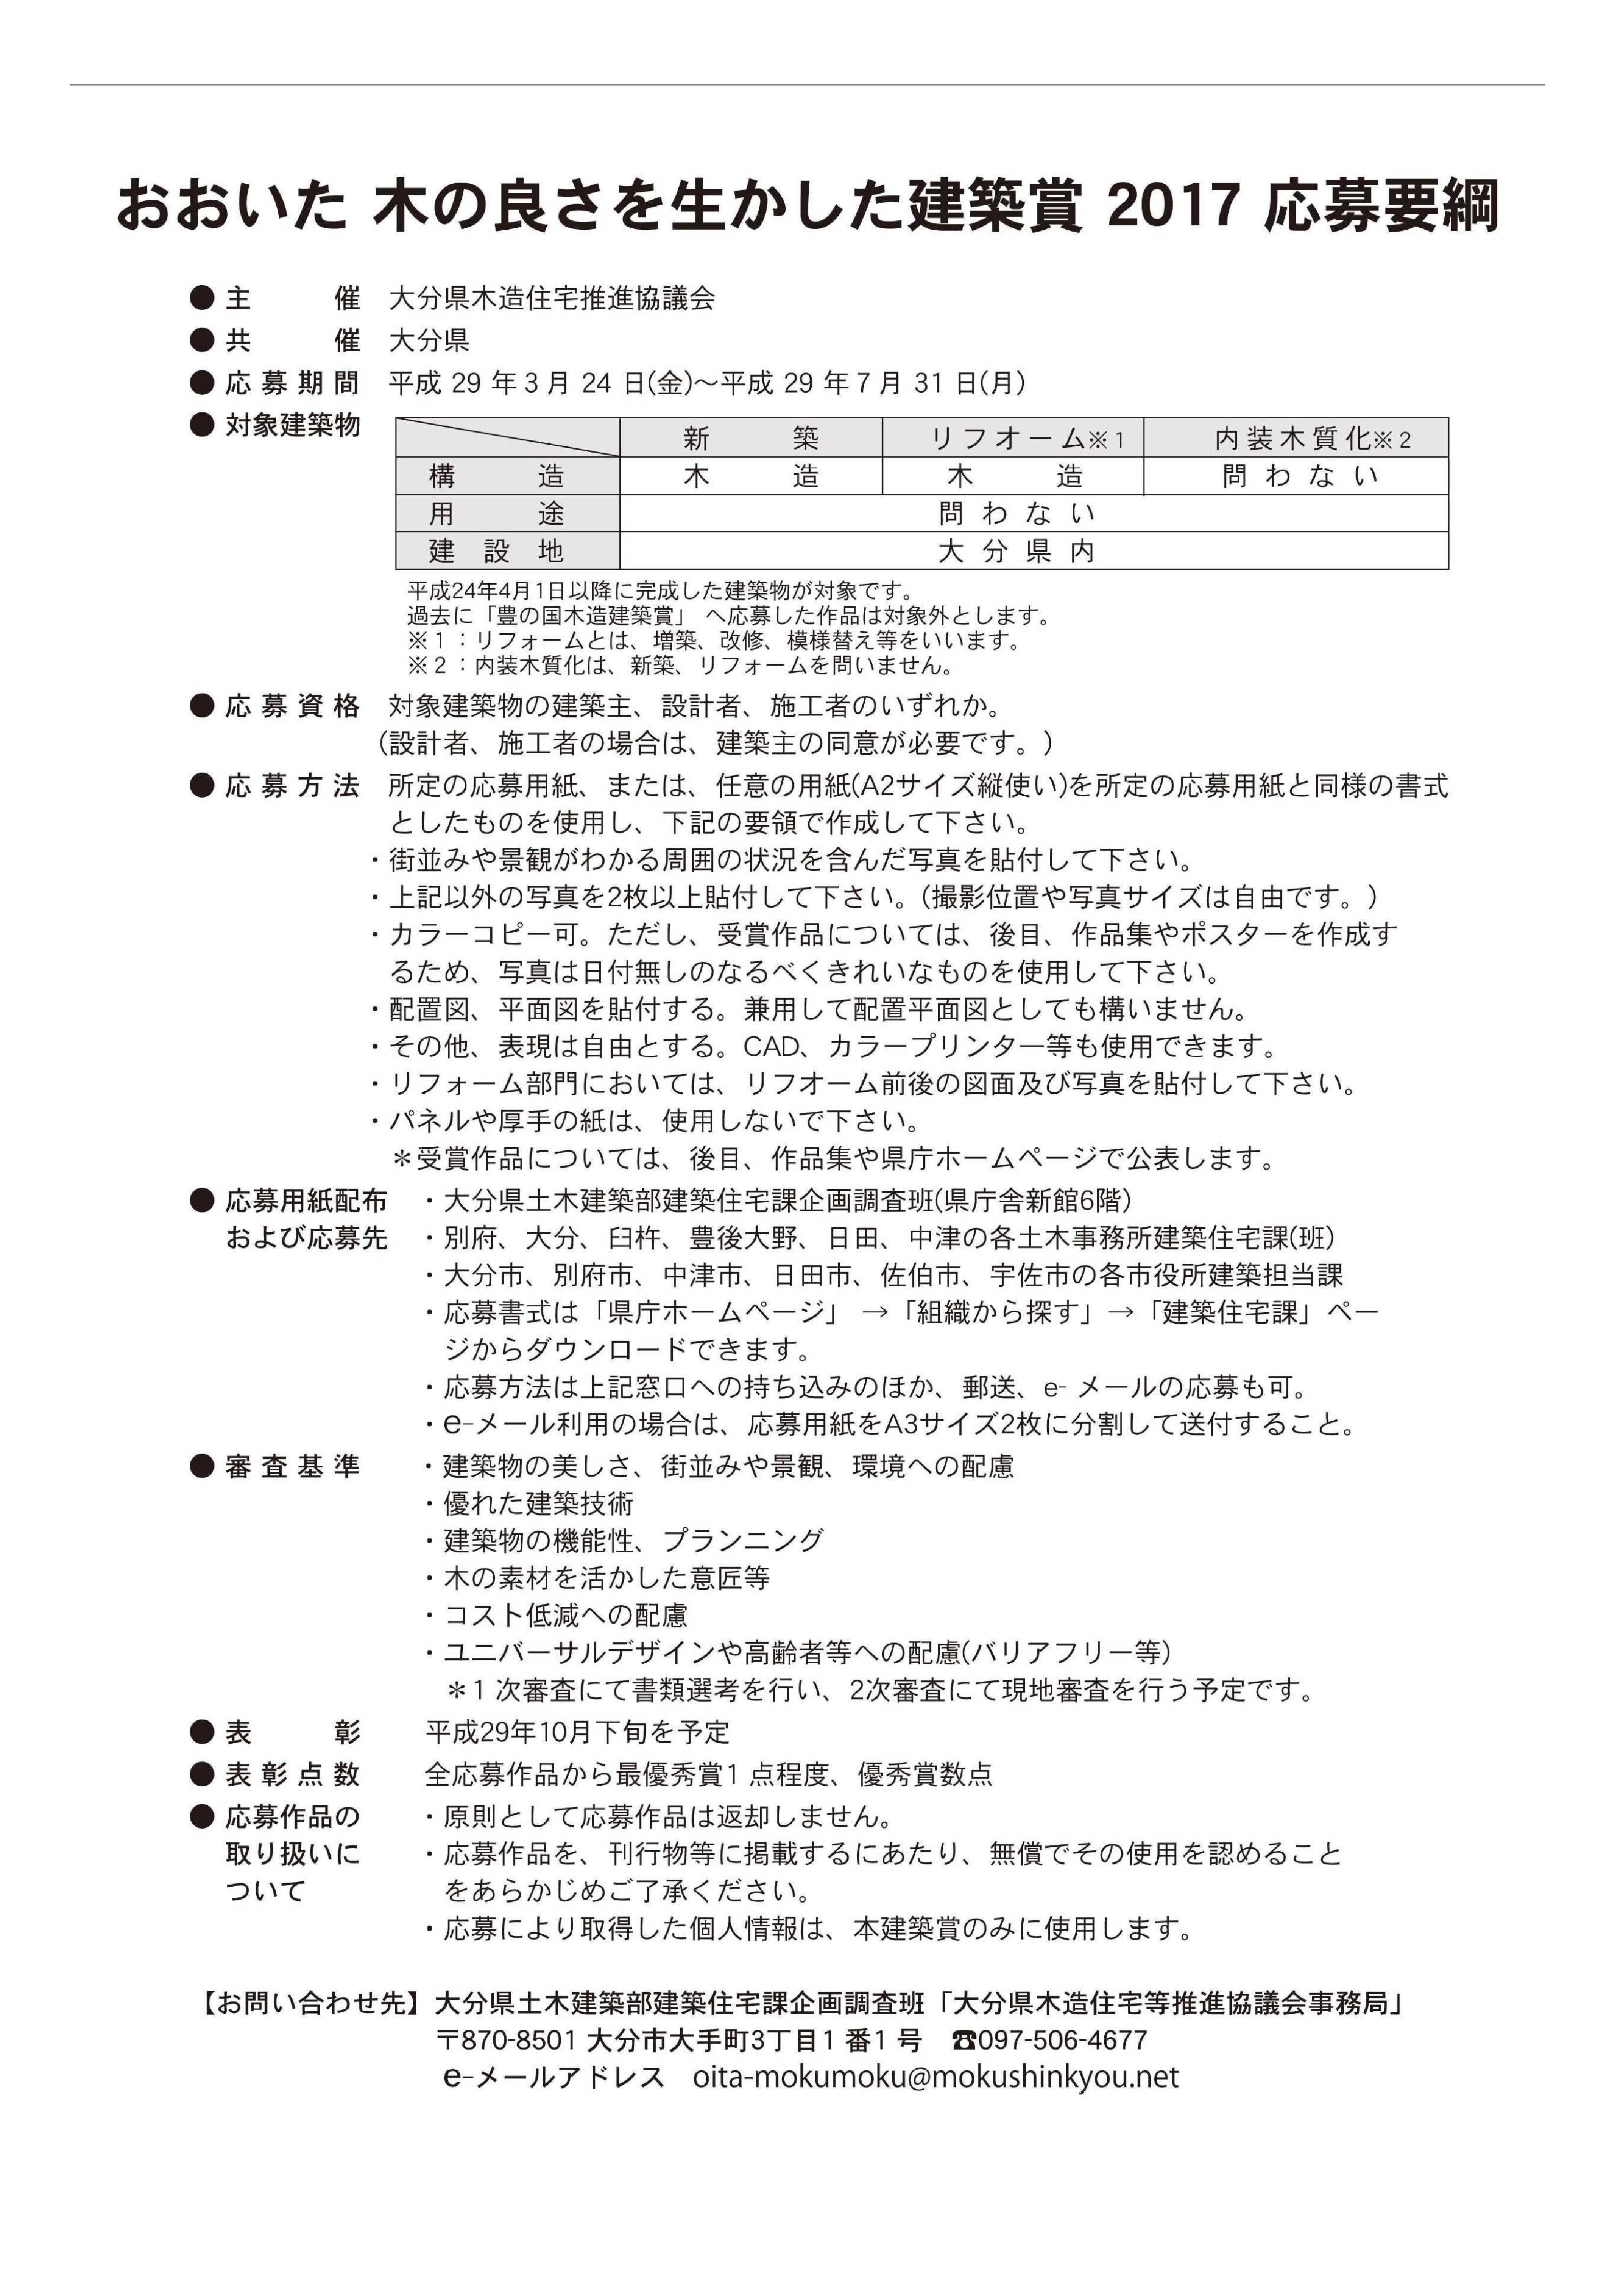 yoko1-2.jpg